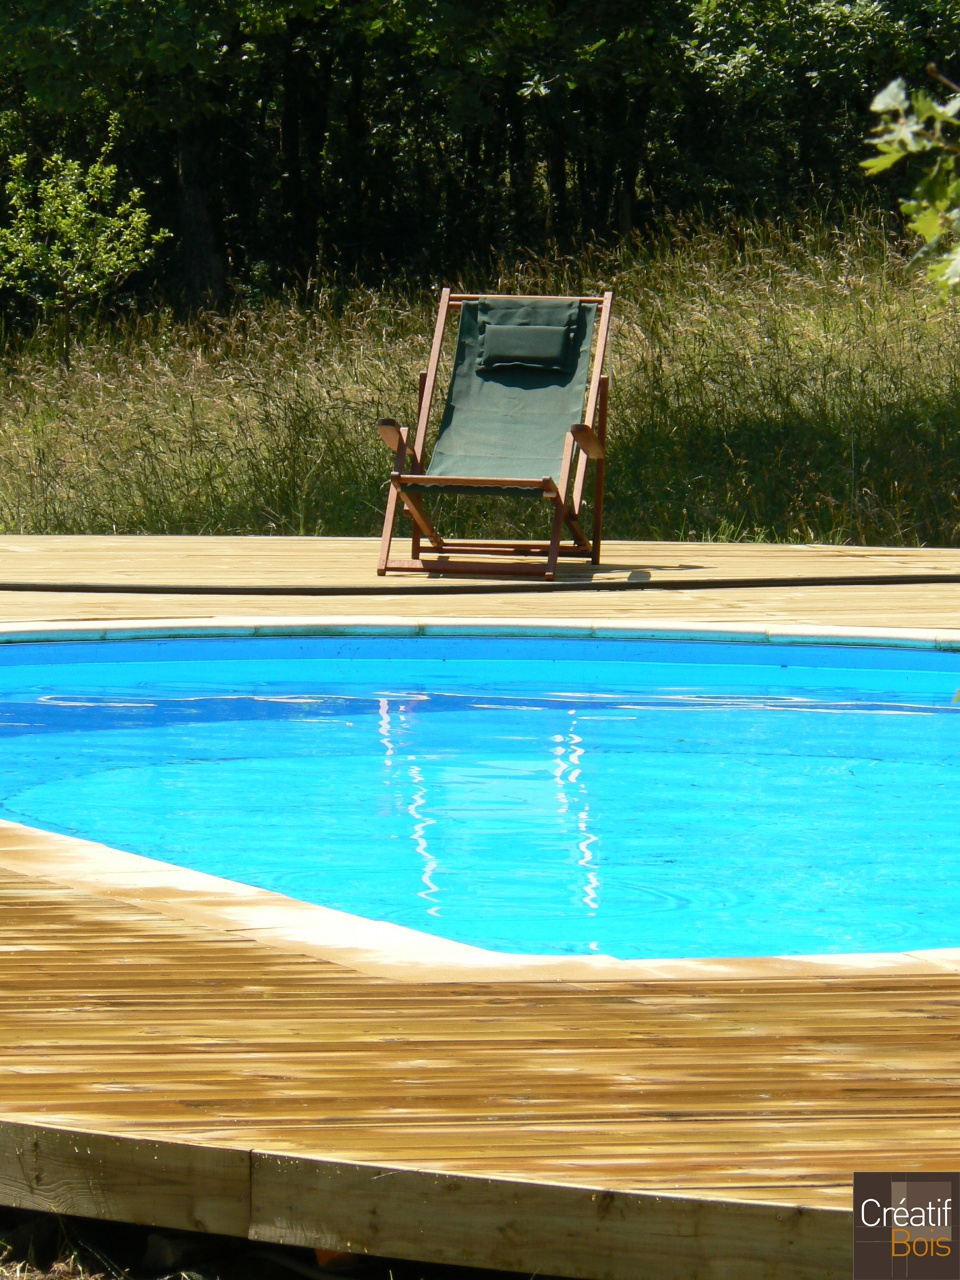 plage de piscine cazillac lot 46 plages de piscine. Black Bedroom Furniture Sets. Home Design Ideas